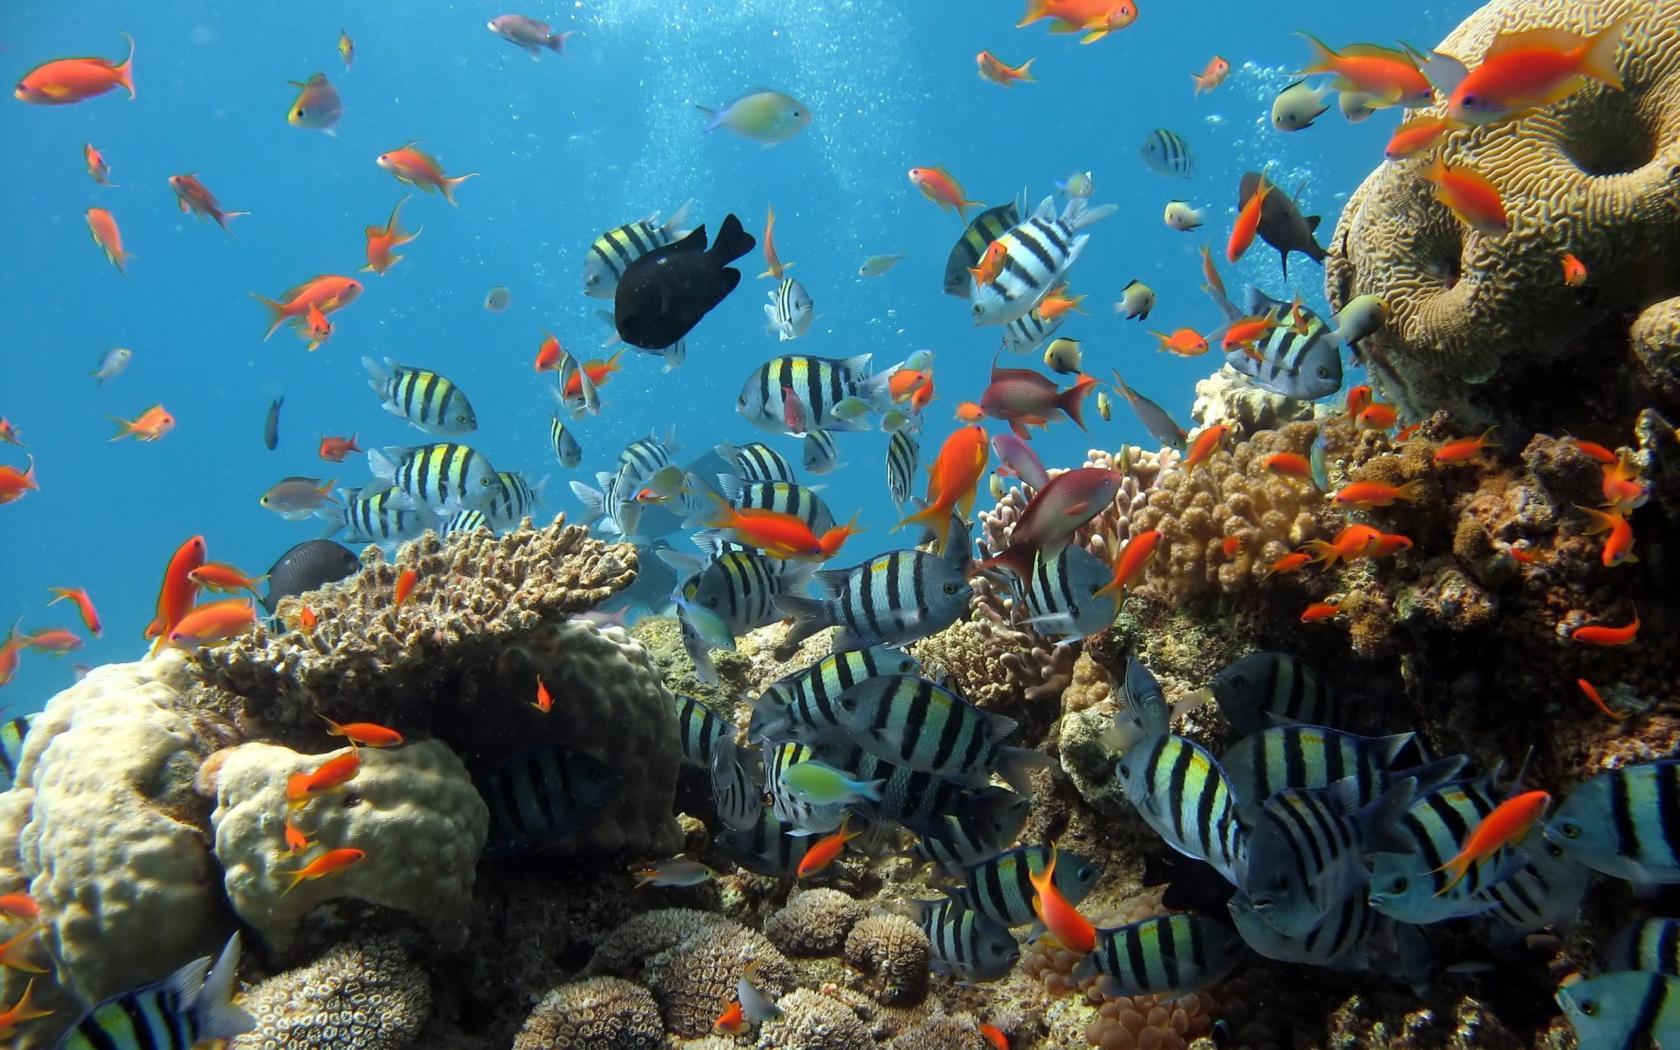 Chiêm ngưỡng vẻ đẹp san hô biển Phú Quốc – Kiên Giang Dường như nhờ nước trong lành khiến san hô biển Phú Quốc (Kiên Giang) rực rỡ s… | Cá nhiệt